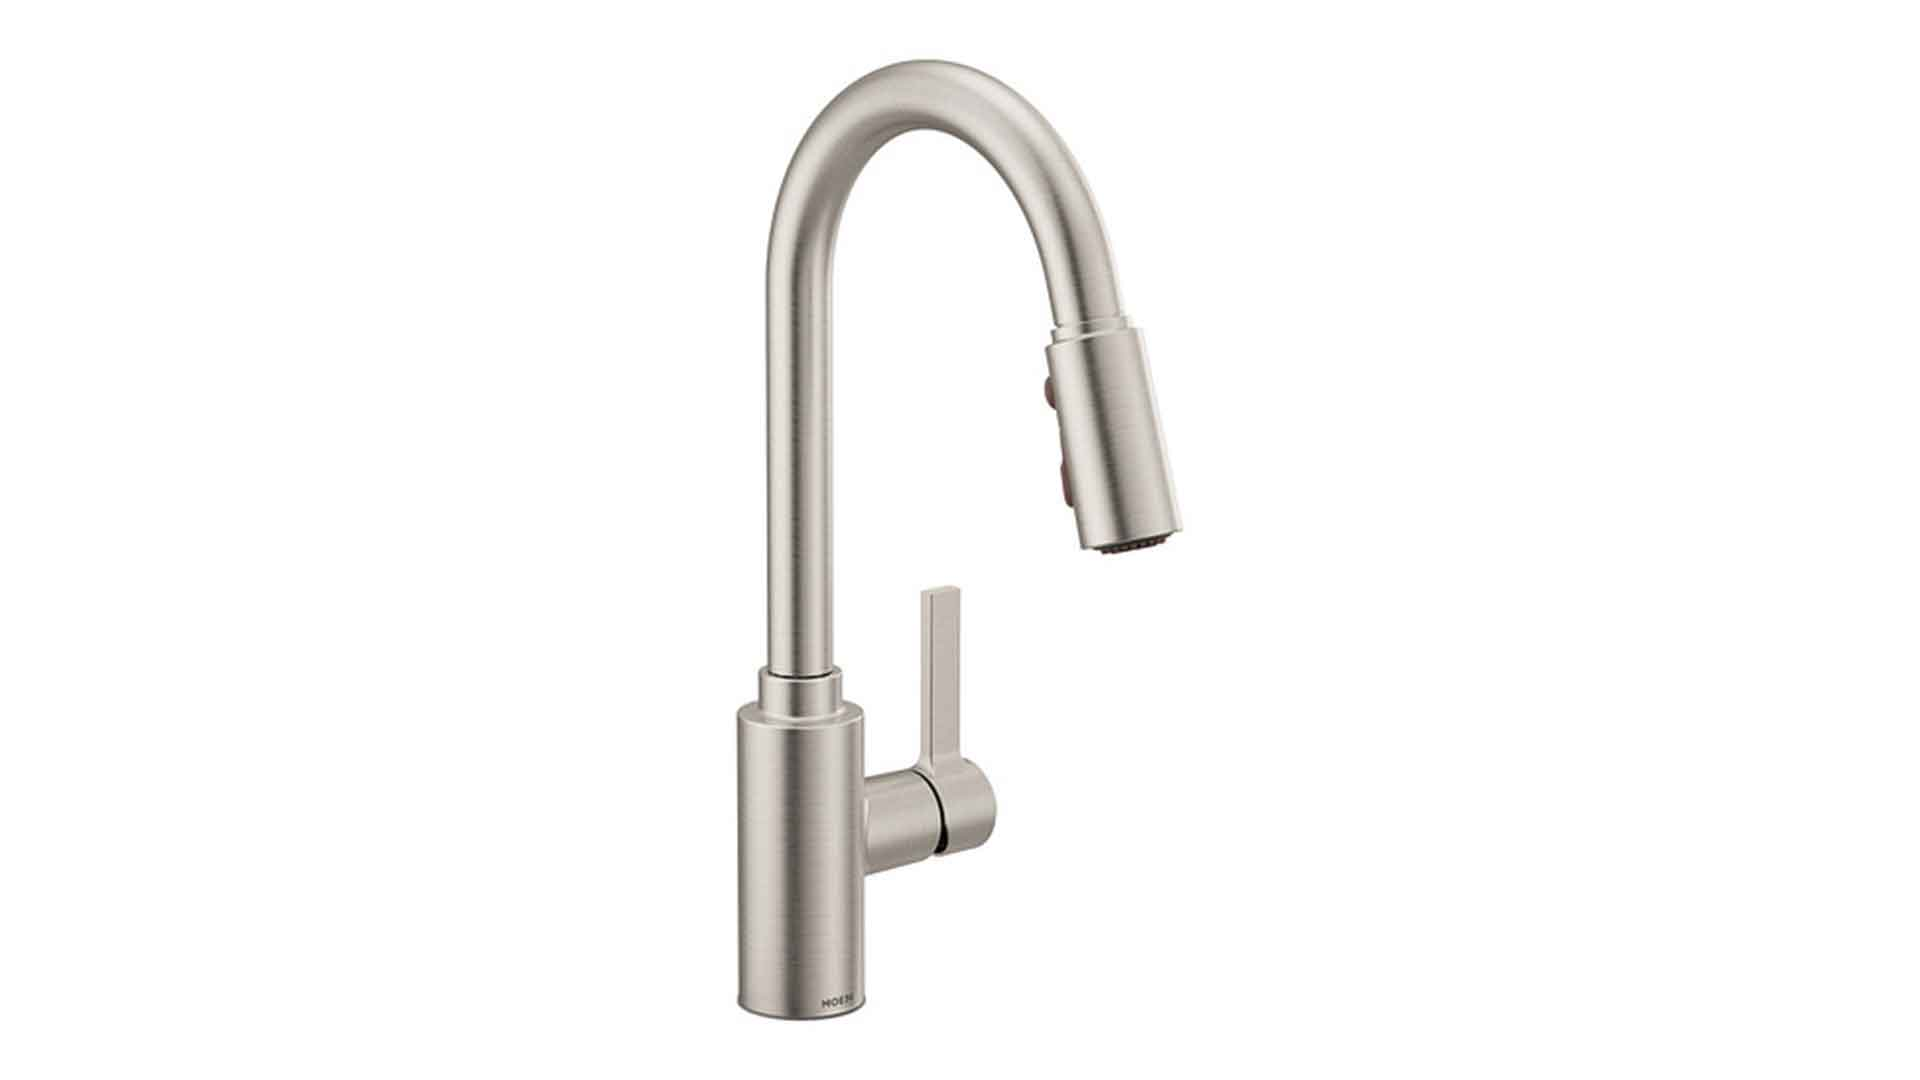 moen one handle kitchen faucets